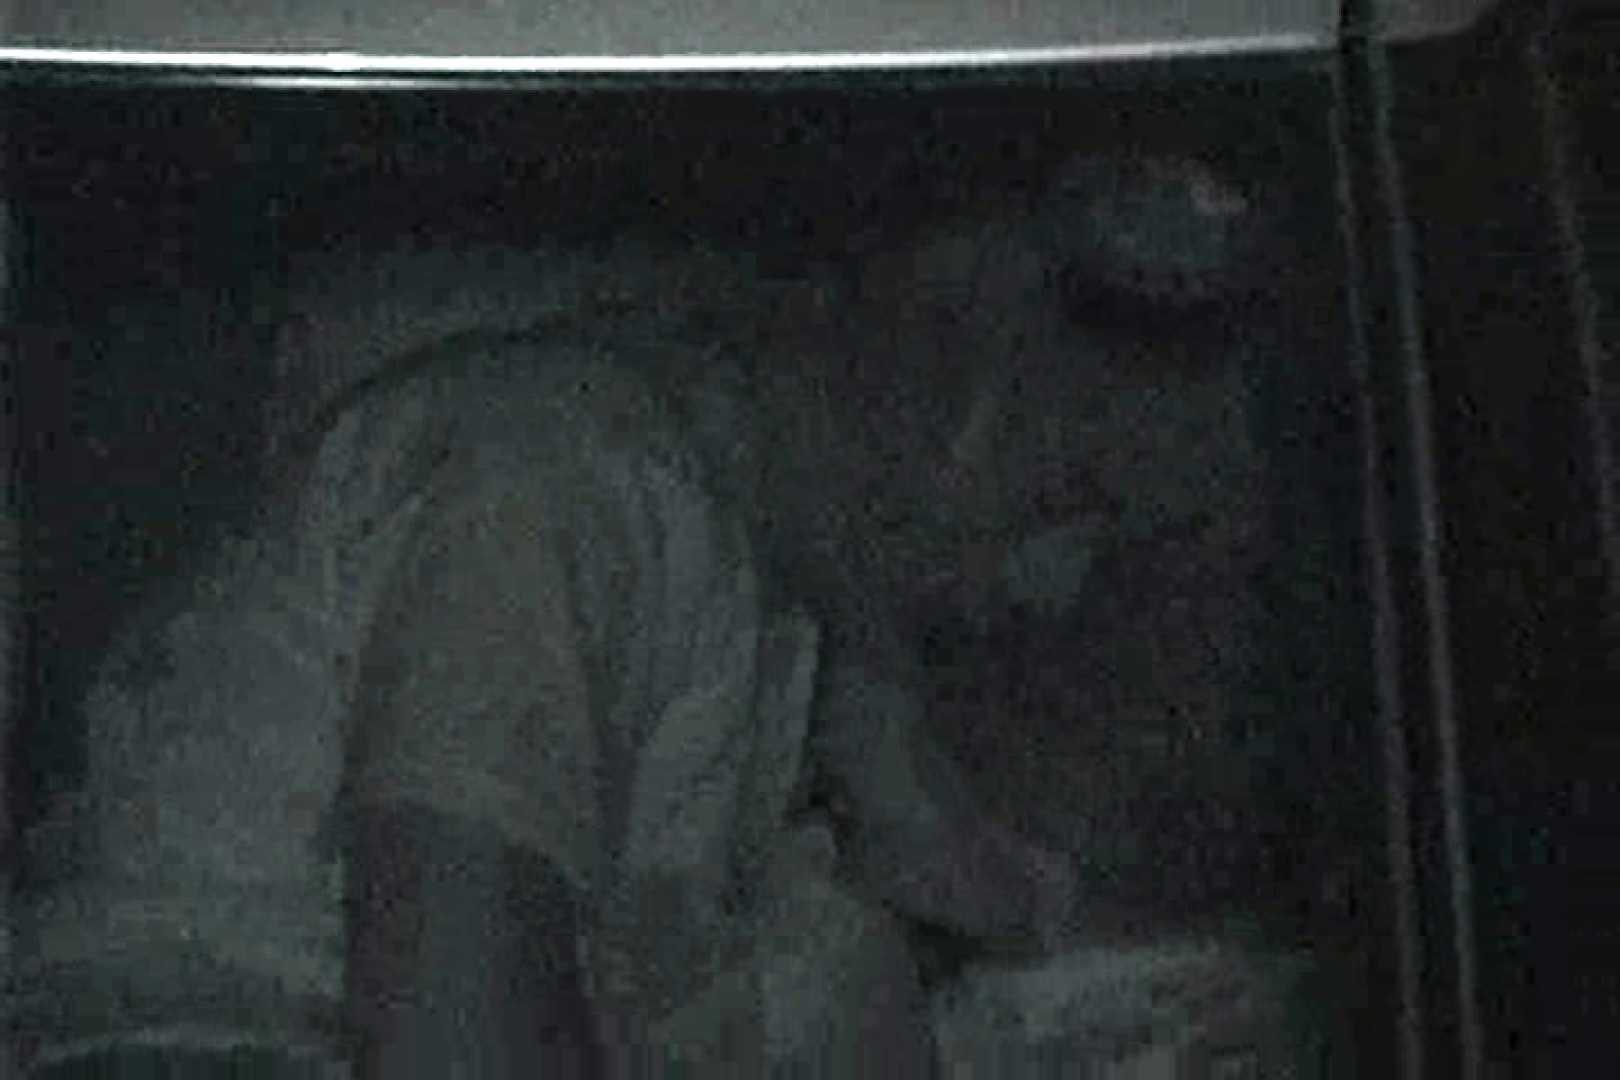 充血監督の深夜の運動会Vol.25 セックス AV動画キャプチャ 95PIX 23